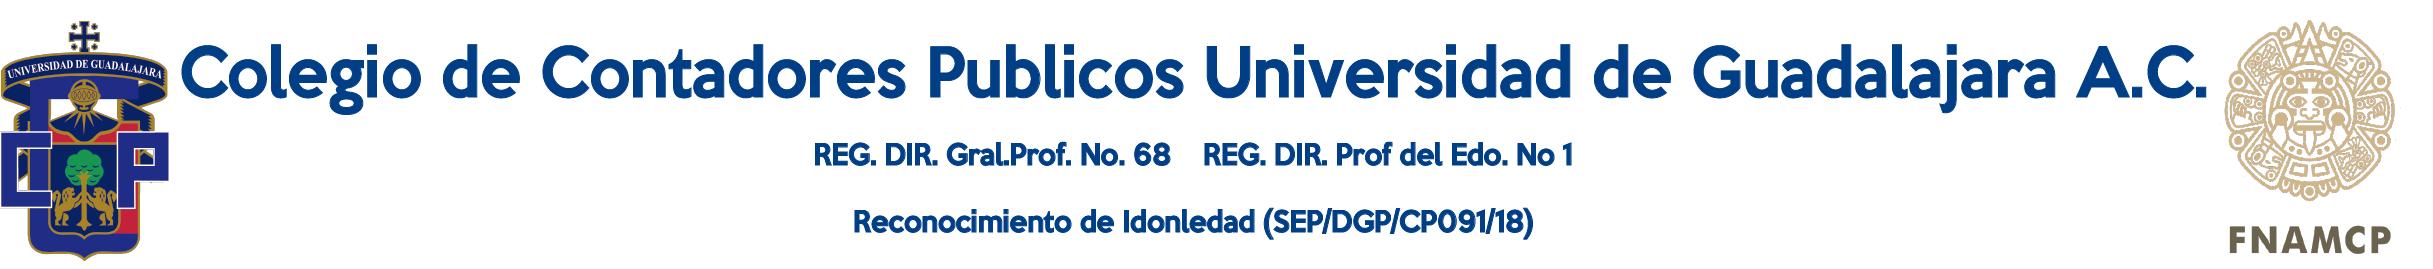 Colegio de Contadores Publicos Universidad de Guadalajara A.C.